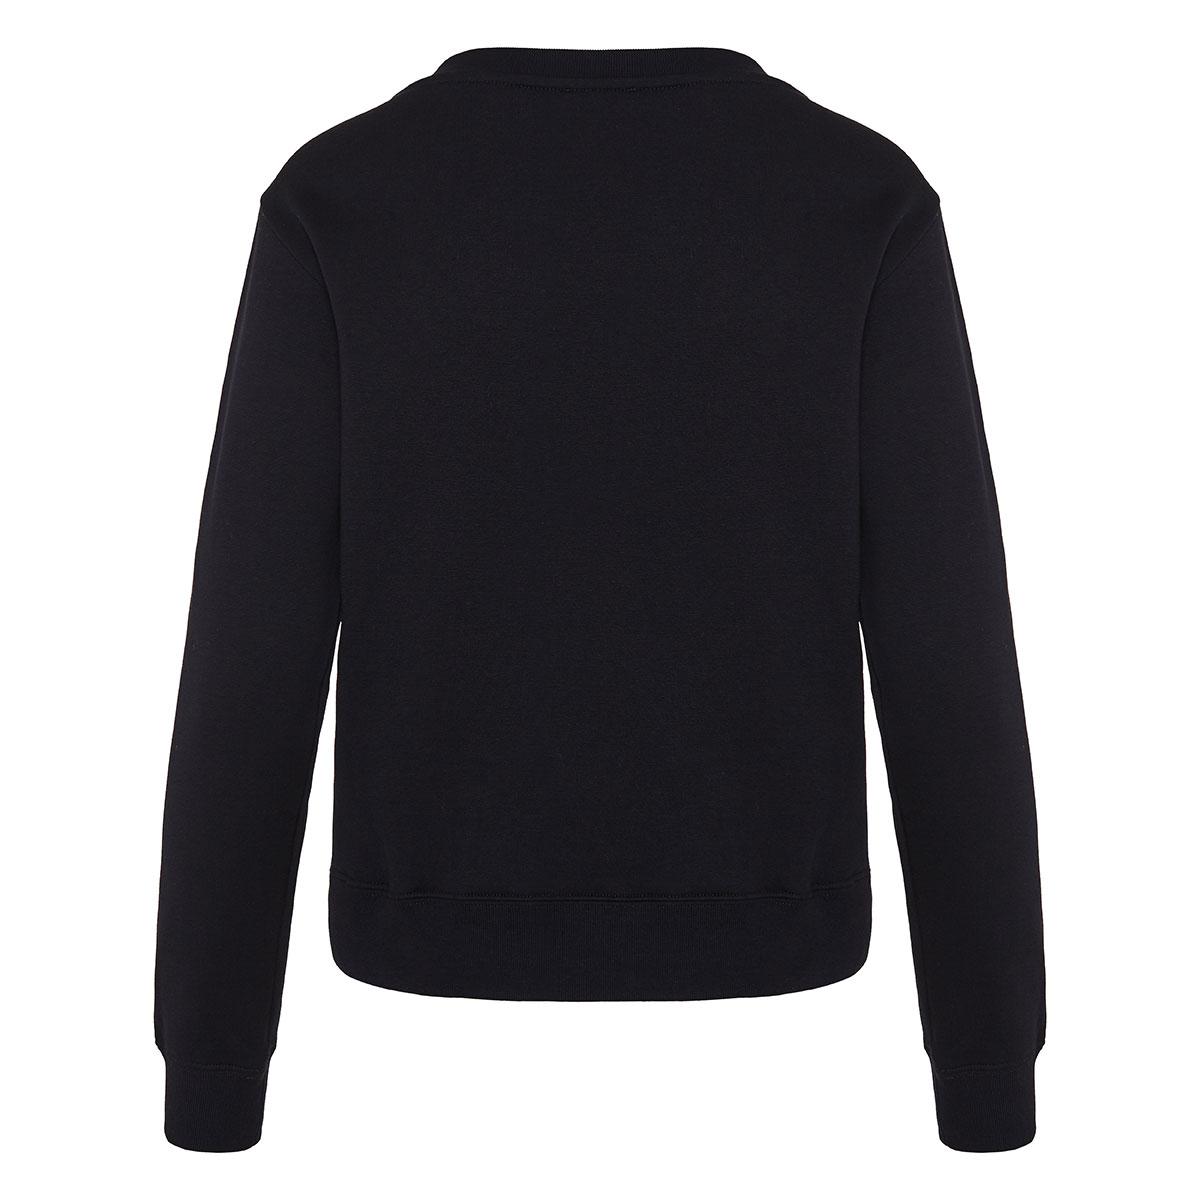 LIFE logo sweatshirt